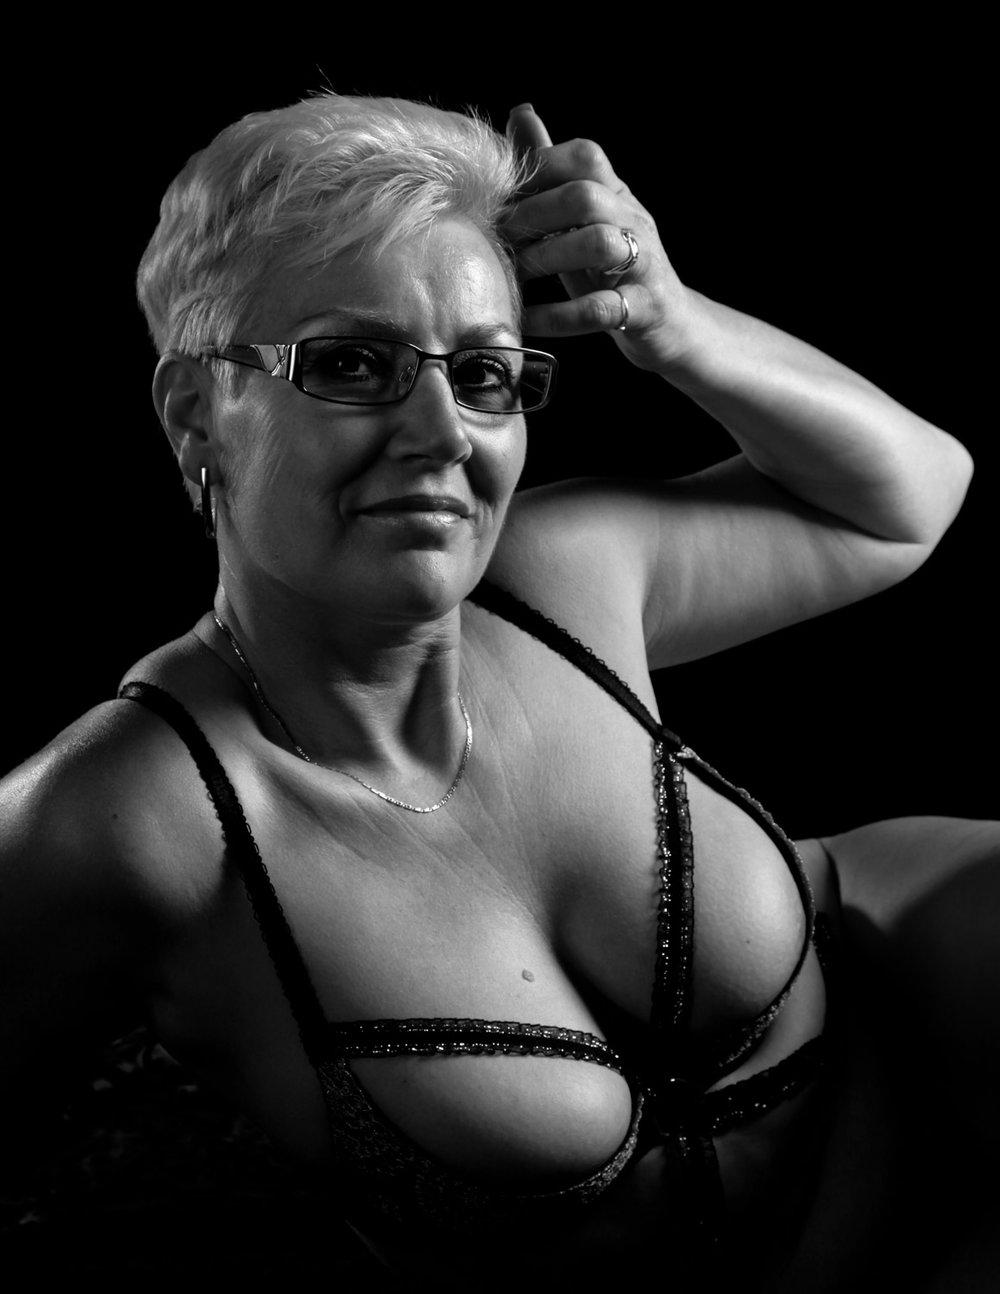 Smartfocus-naakt-en-erotische-fotografie-oudere-dame.jpg